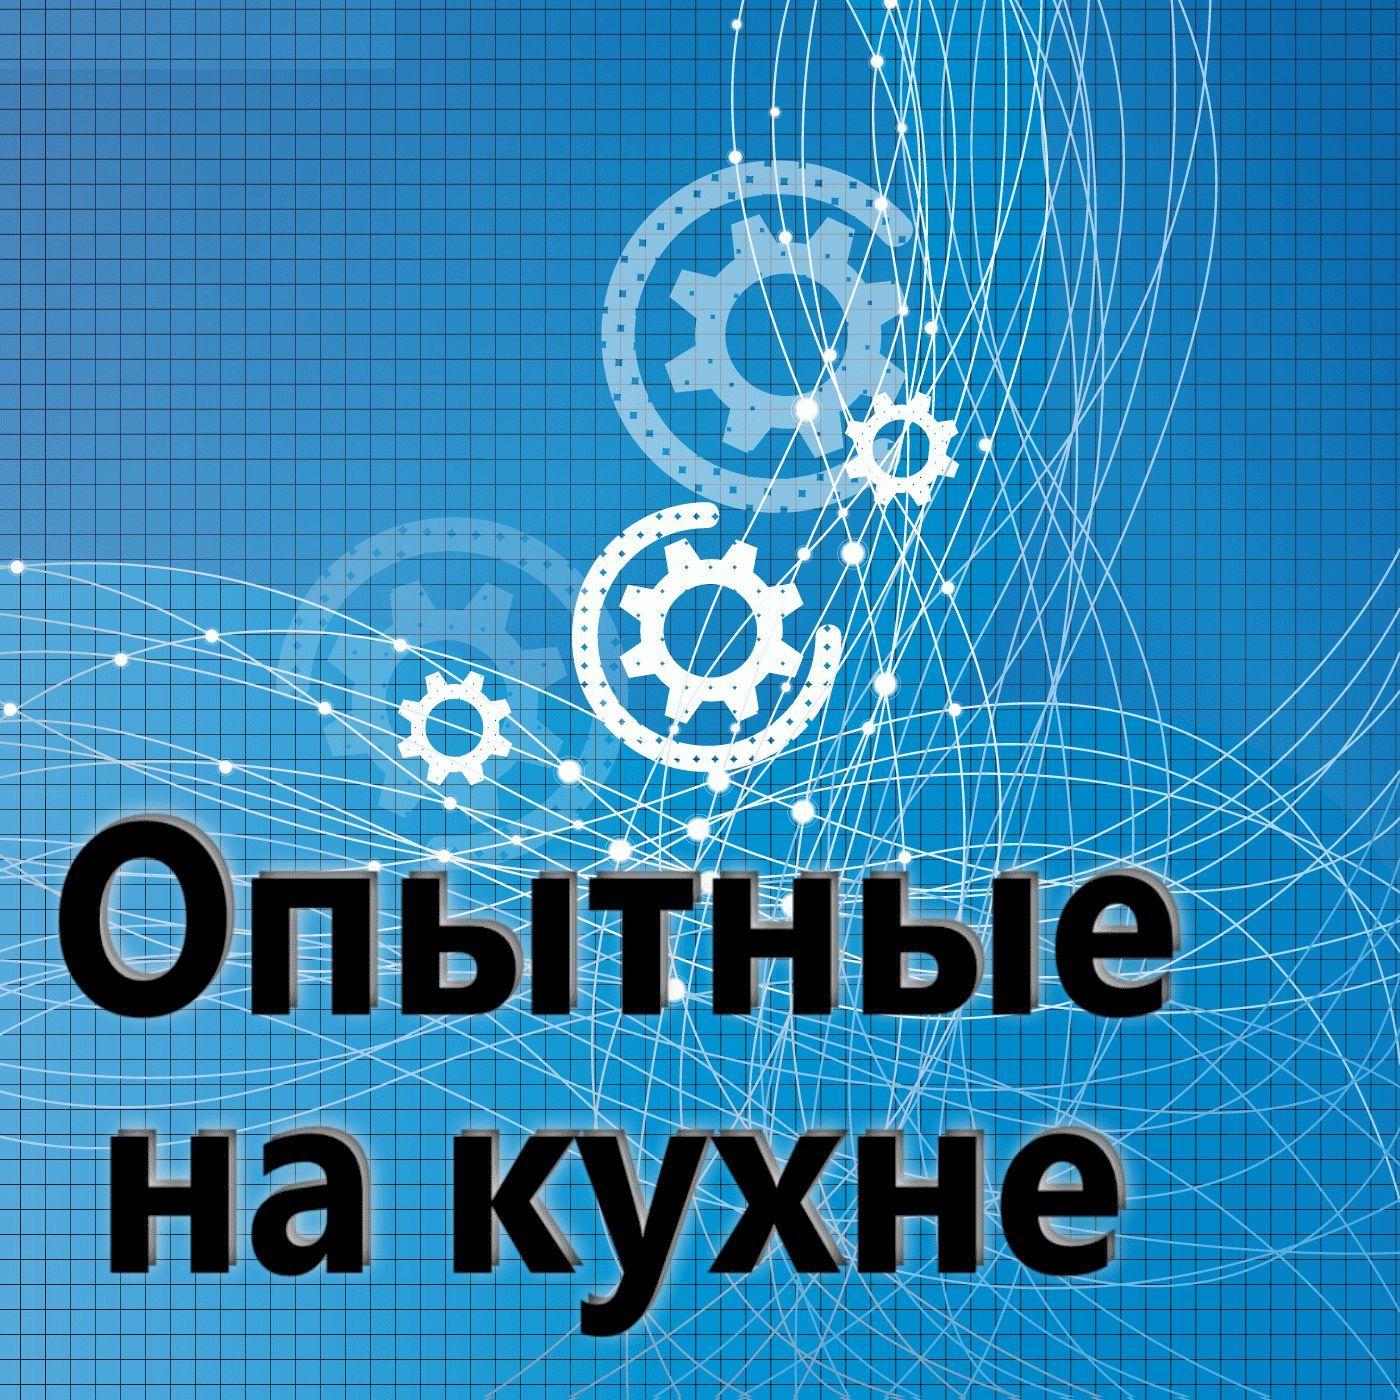 Евгений Плешивцев Опытные на кухне №017 день радио